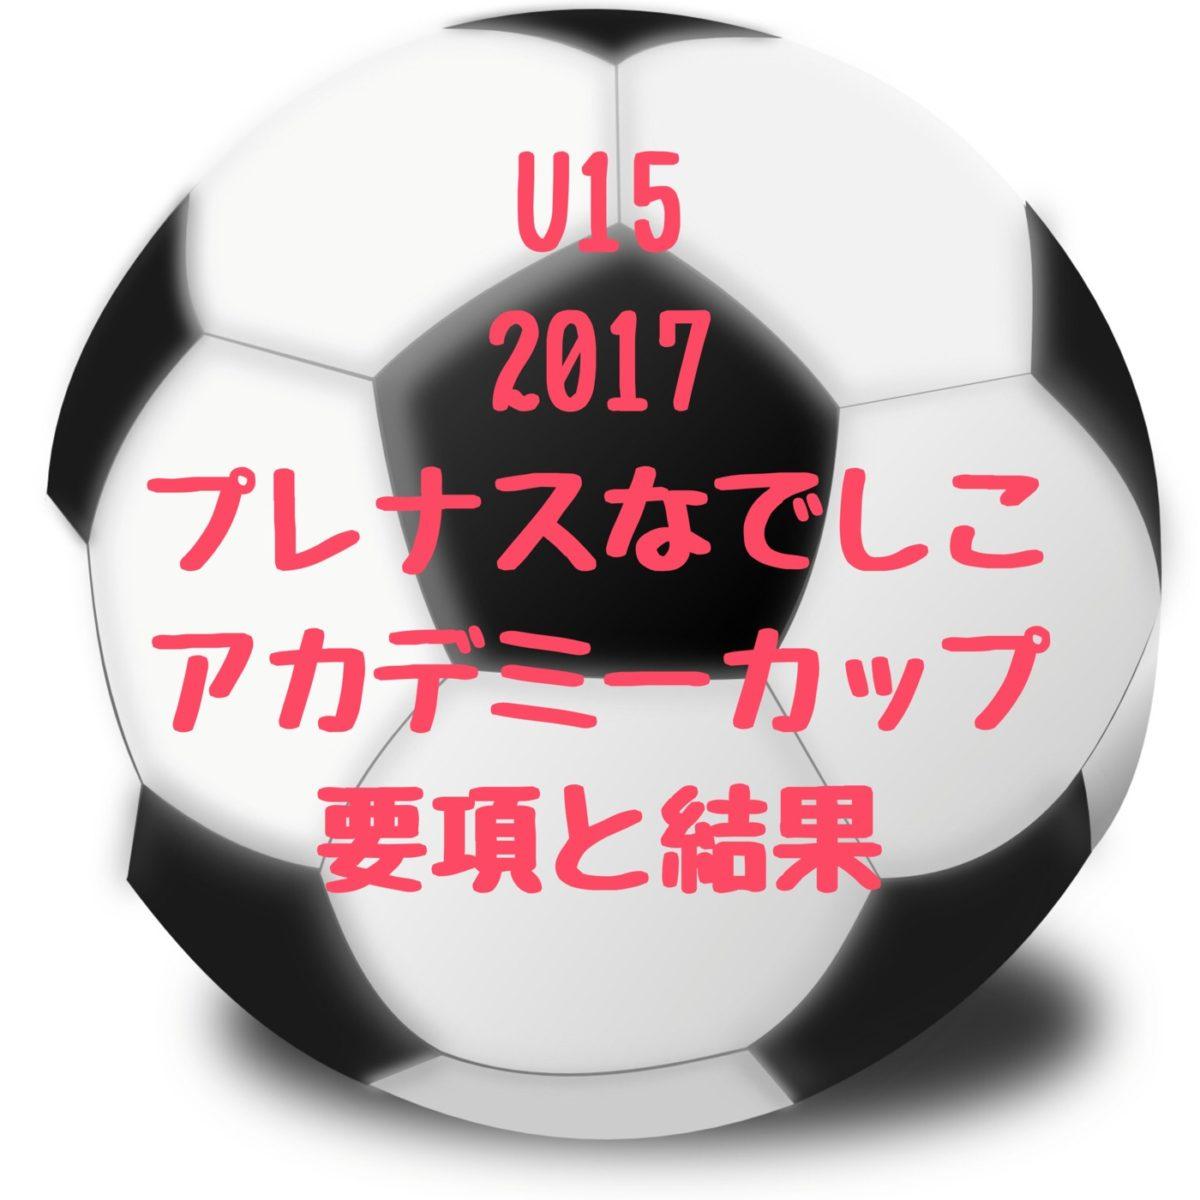 2017U15プレナスなでしこアカデミーカップ